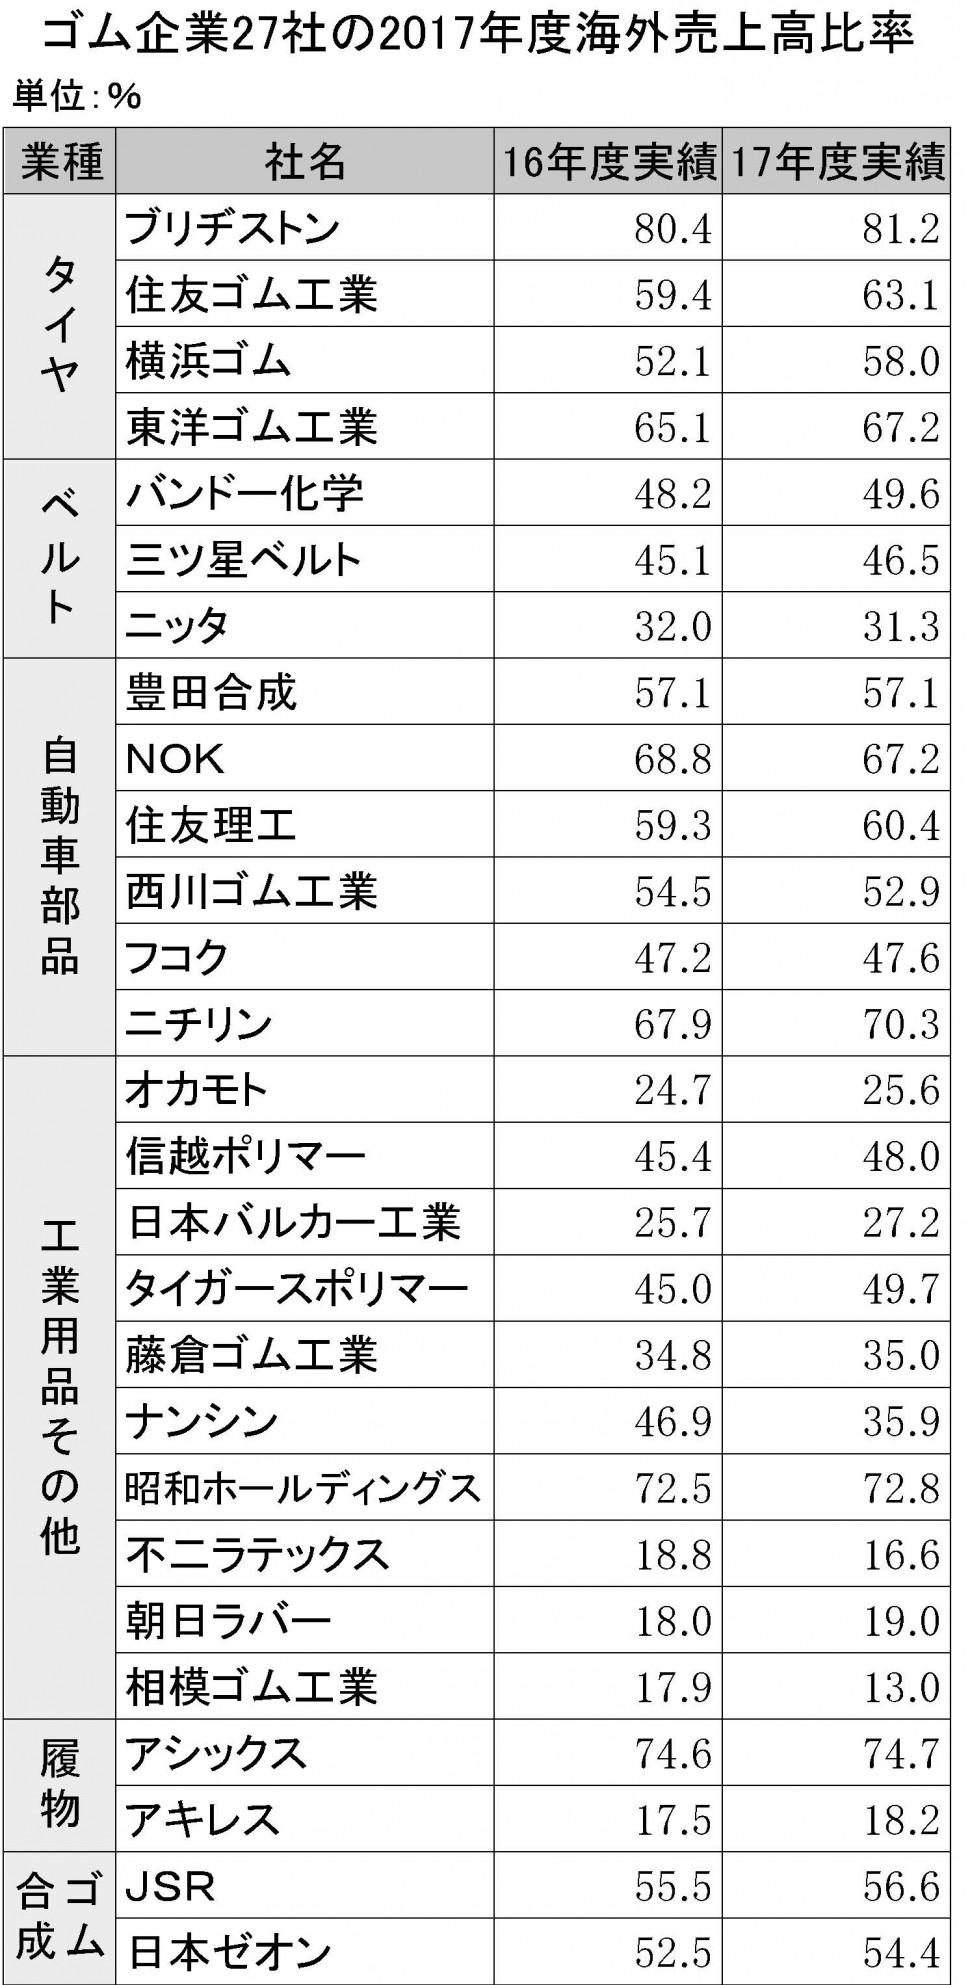 5-3-5 ゴム企業28社の2017年度海外売上高比率